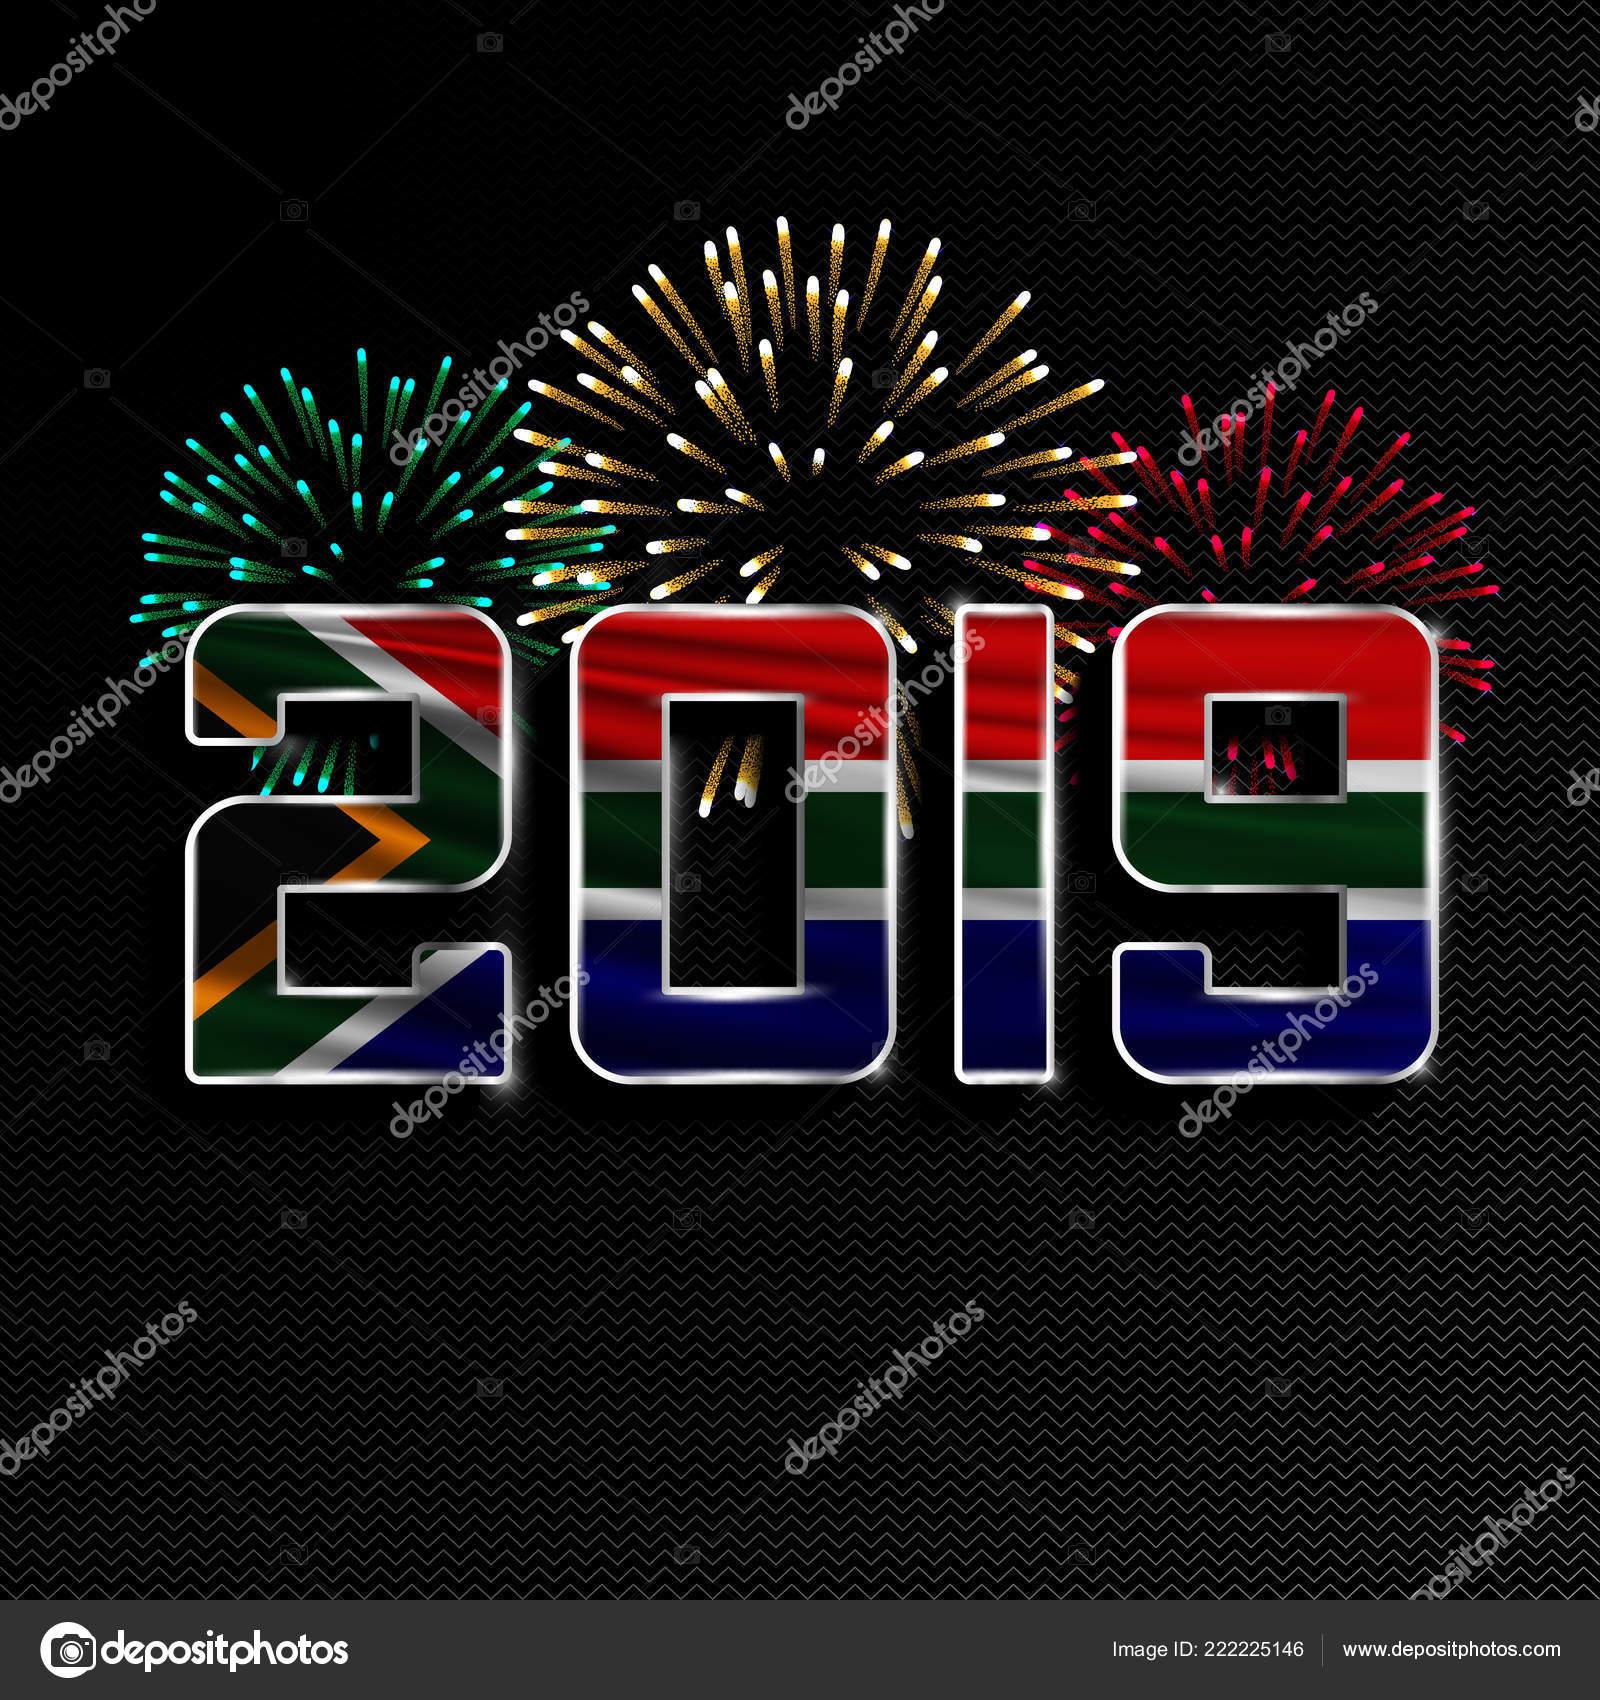 Image De Joyeux Noel 2019.Bonne Annee Et Joyeux Noel 2019 Image Vectorielle Angelmax